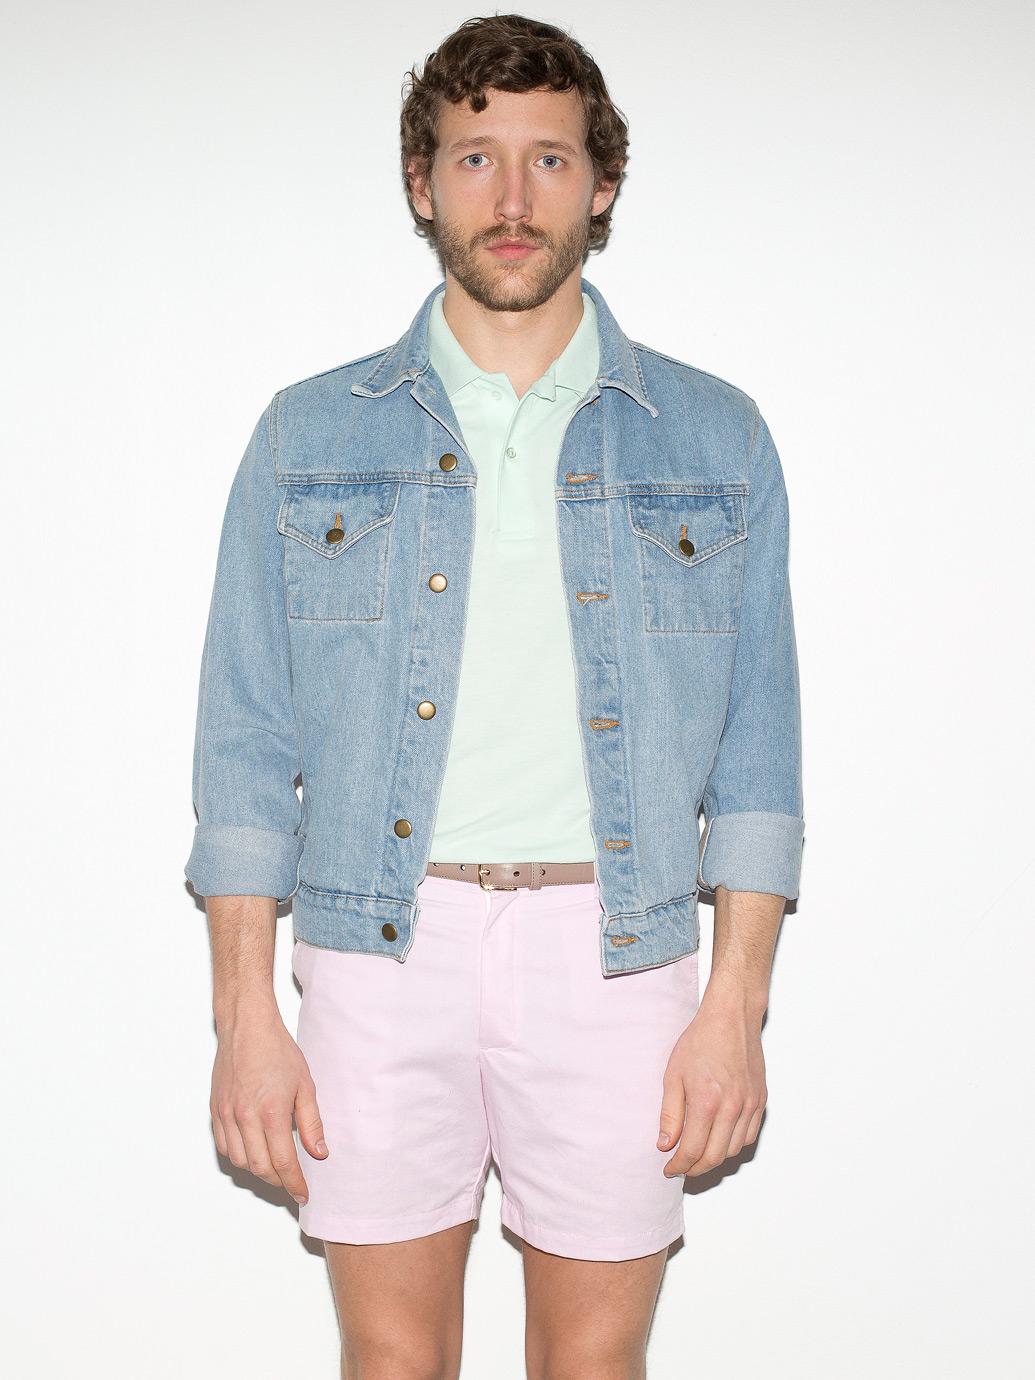 American-apparel-veste-en-jean-lecatalog.com